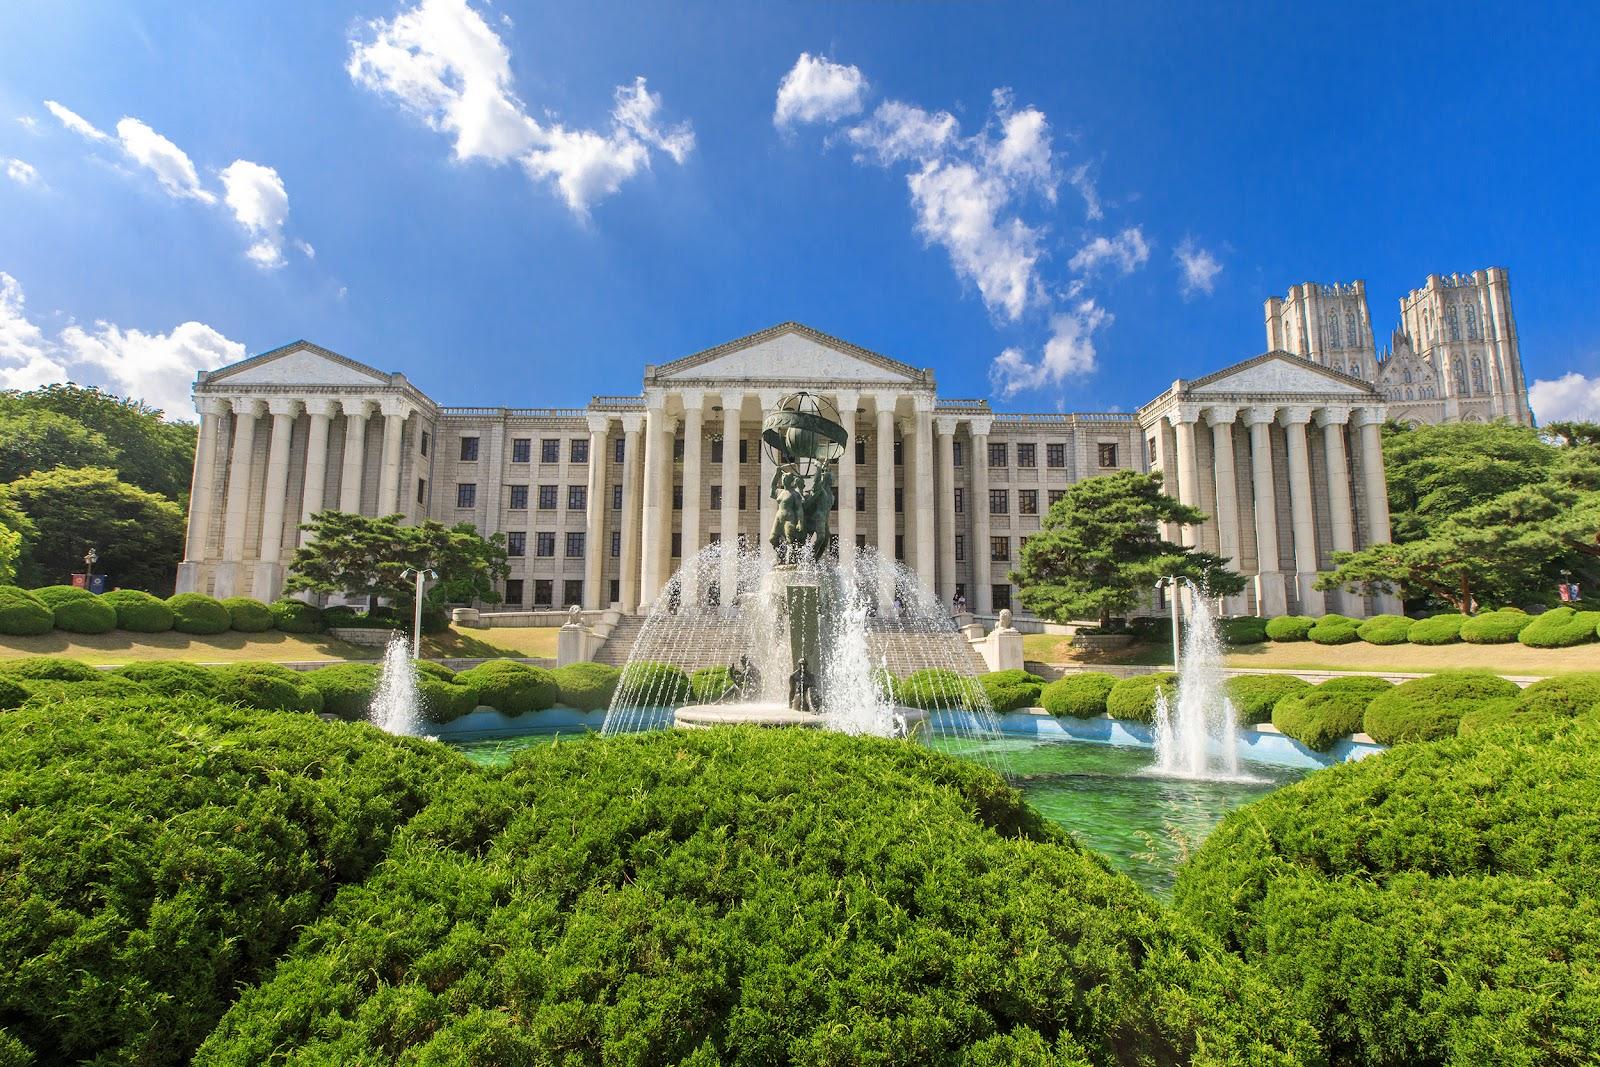 경희사이버대학교는 지난 6월, 보건복지부 위탁 독거노인종합지원센터와 산학협약을 체결